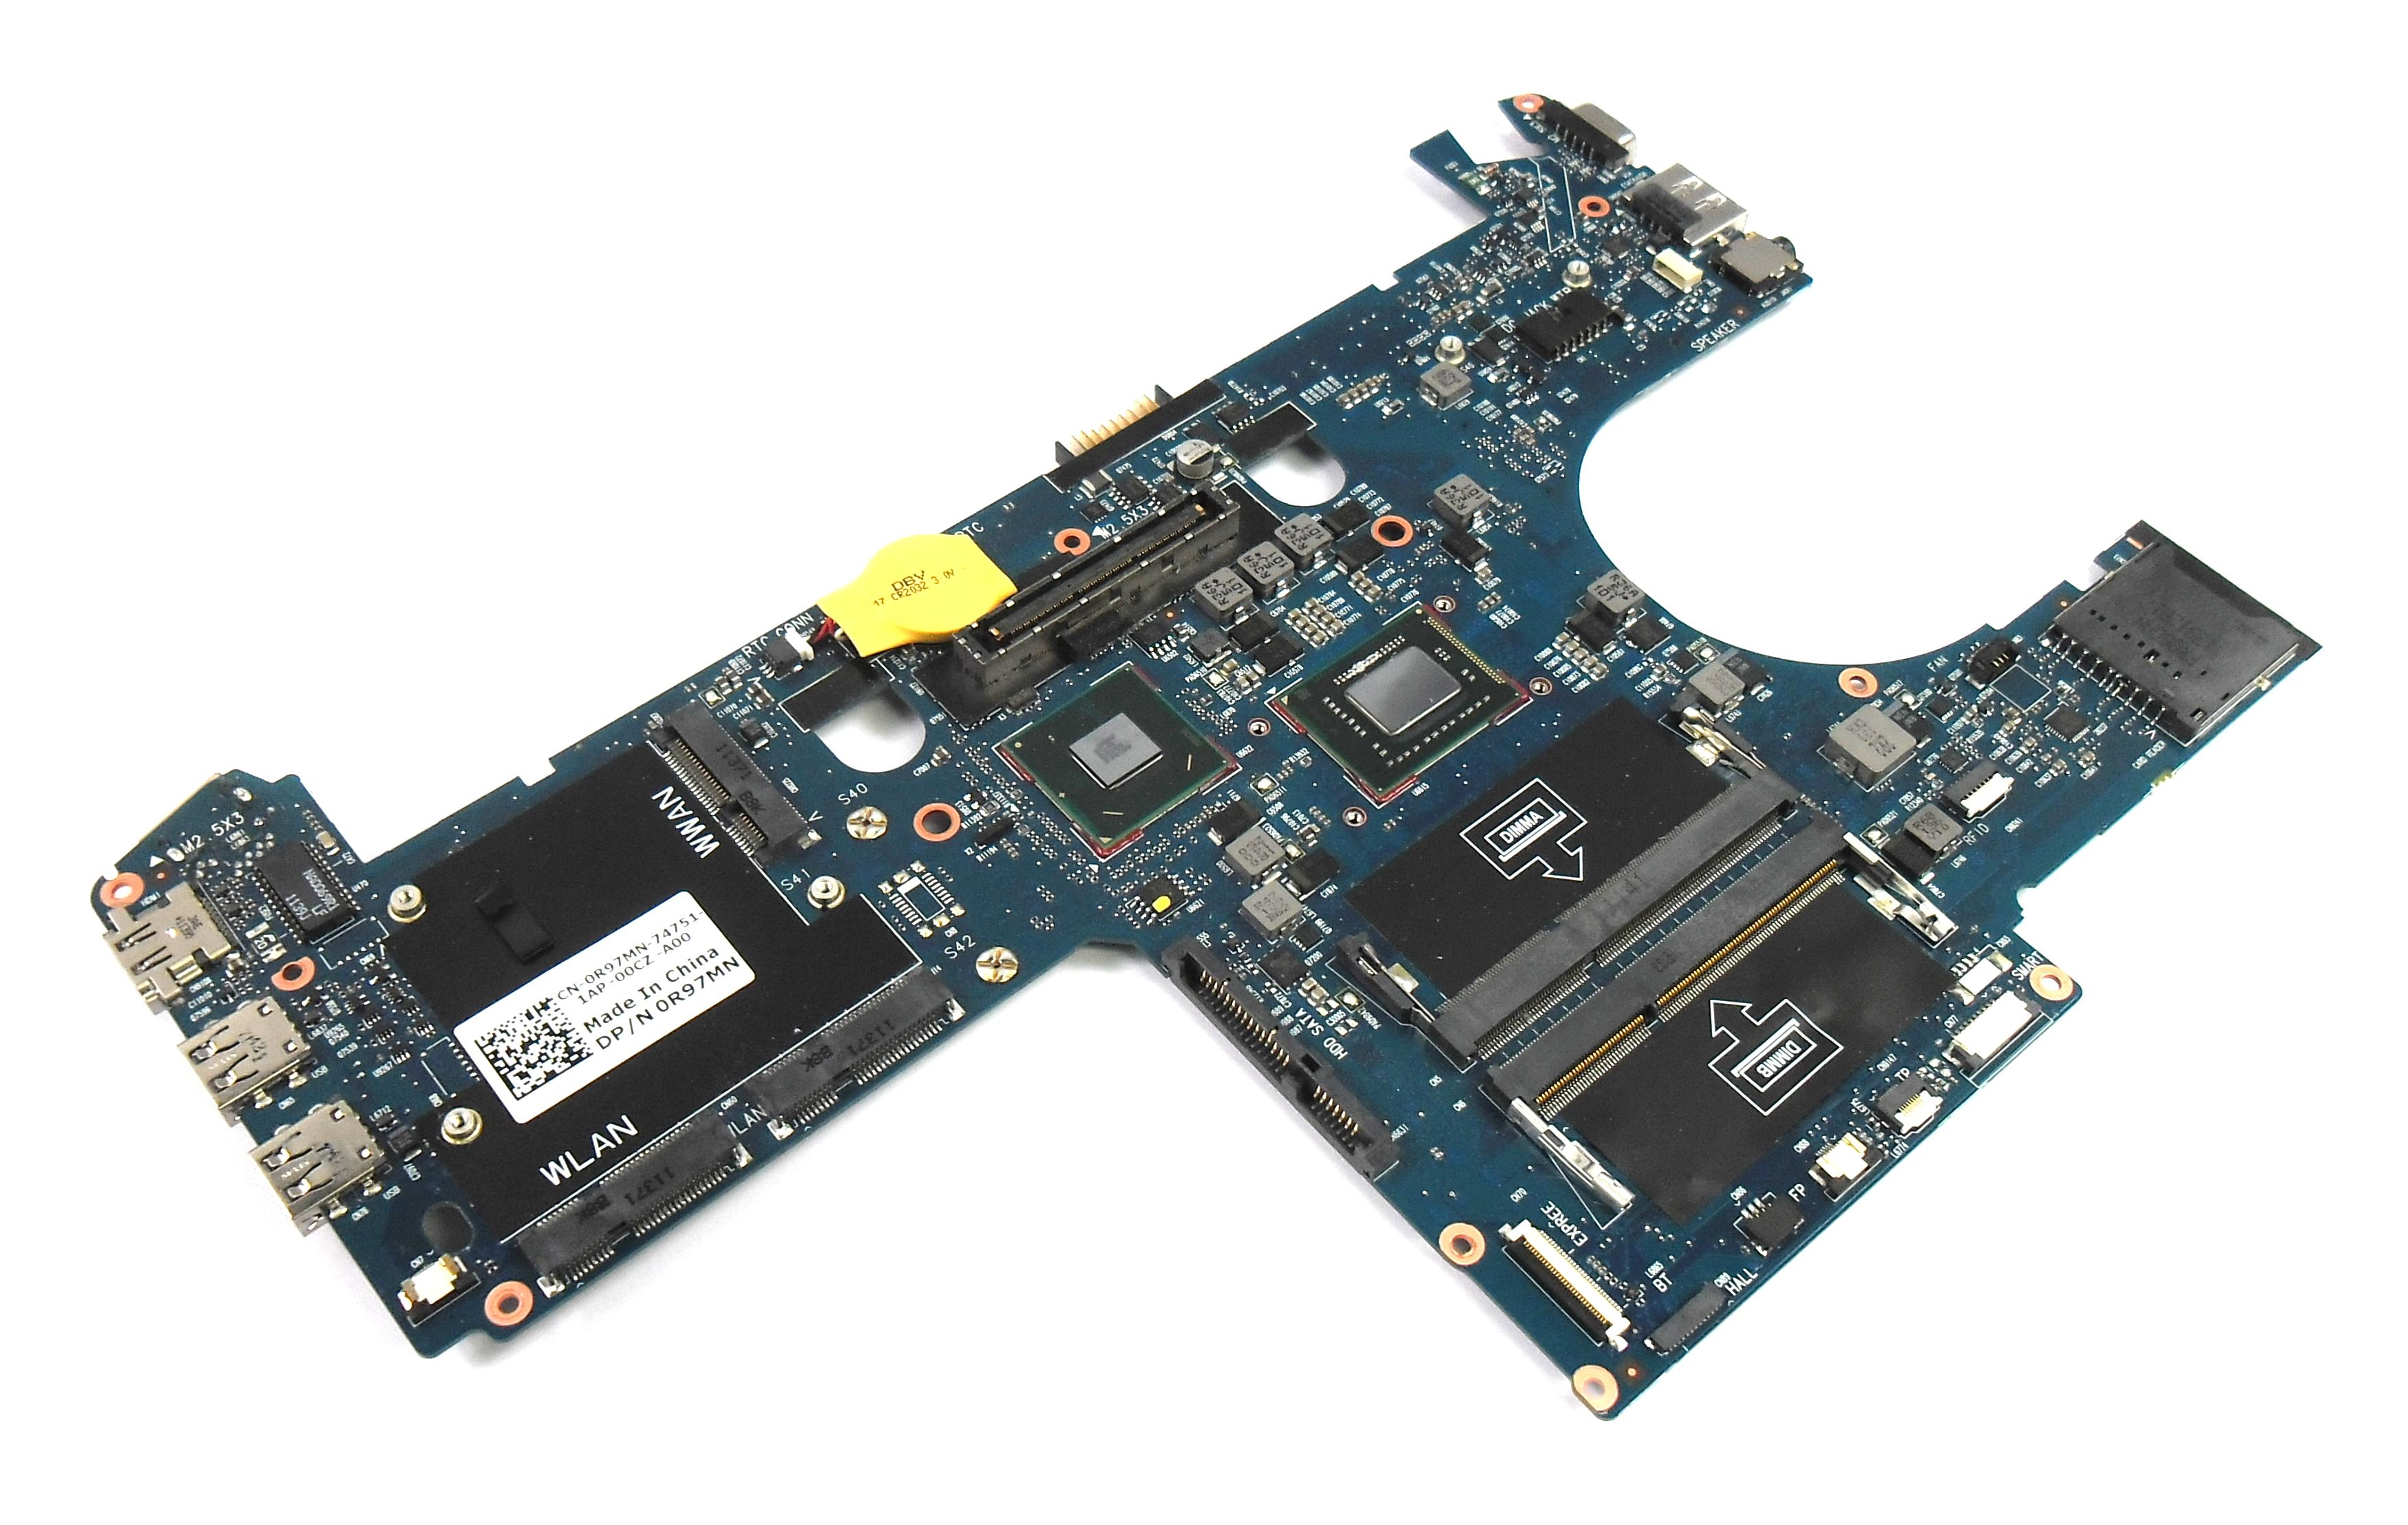 Dell R97MN Latitude E6220 Motherboard with Intel Core i5-2520M Processor